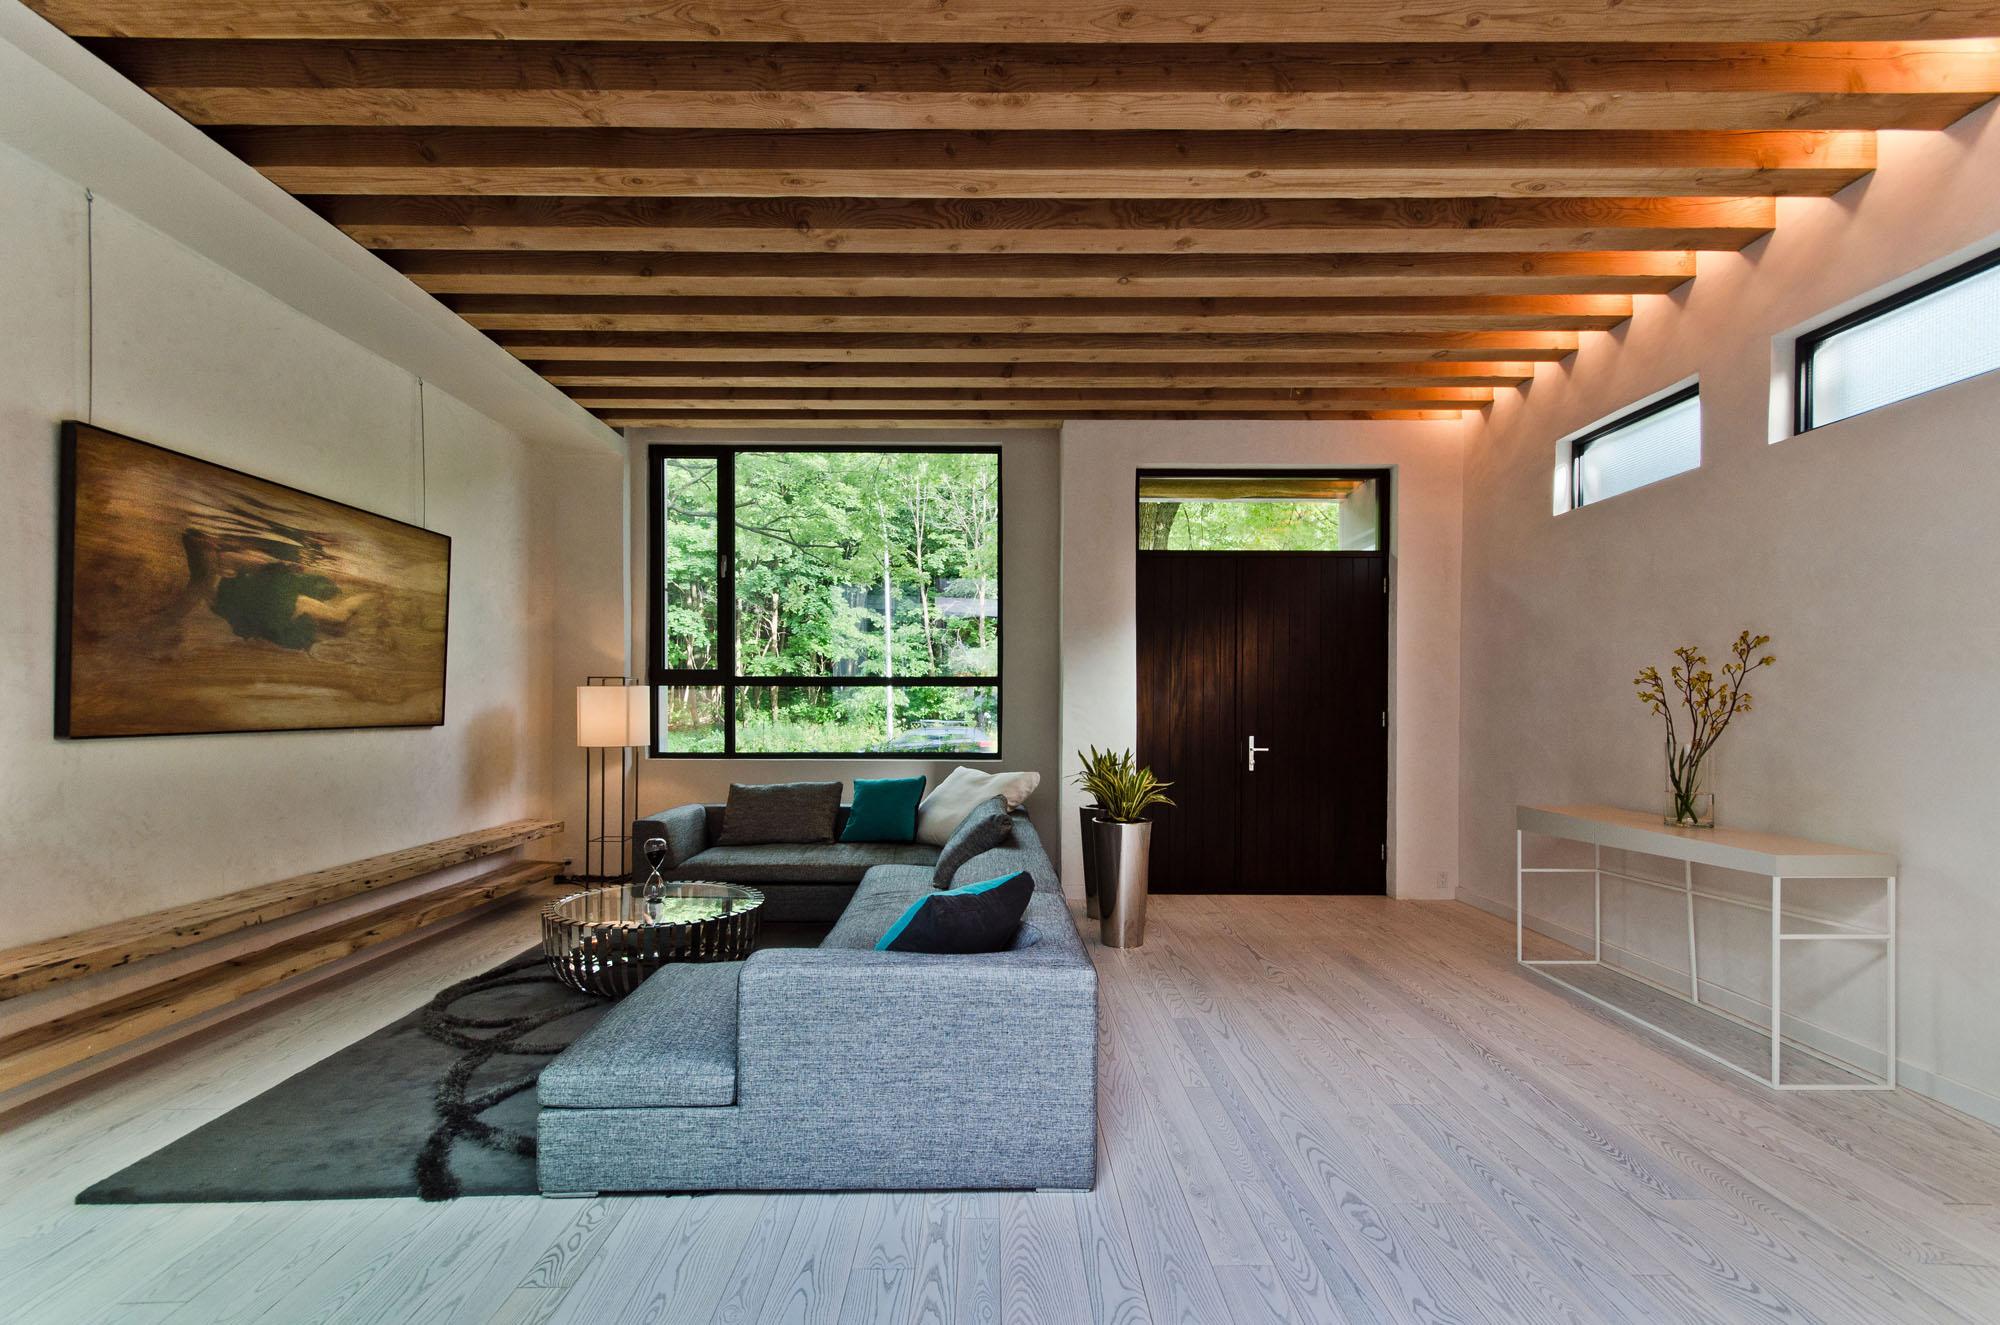 70 Moderne Innovative Luxus Interieur Ideen F 252 Rs Wohnzimmer